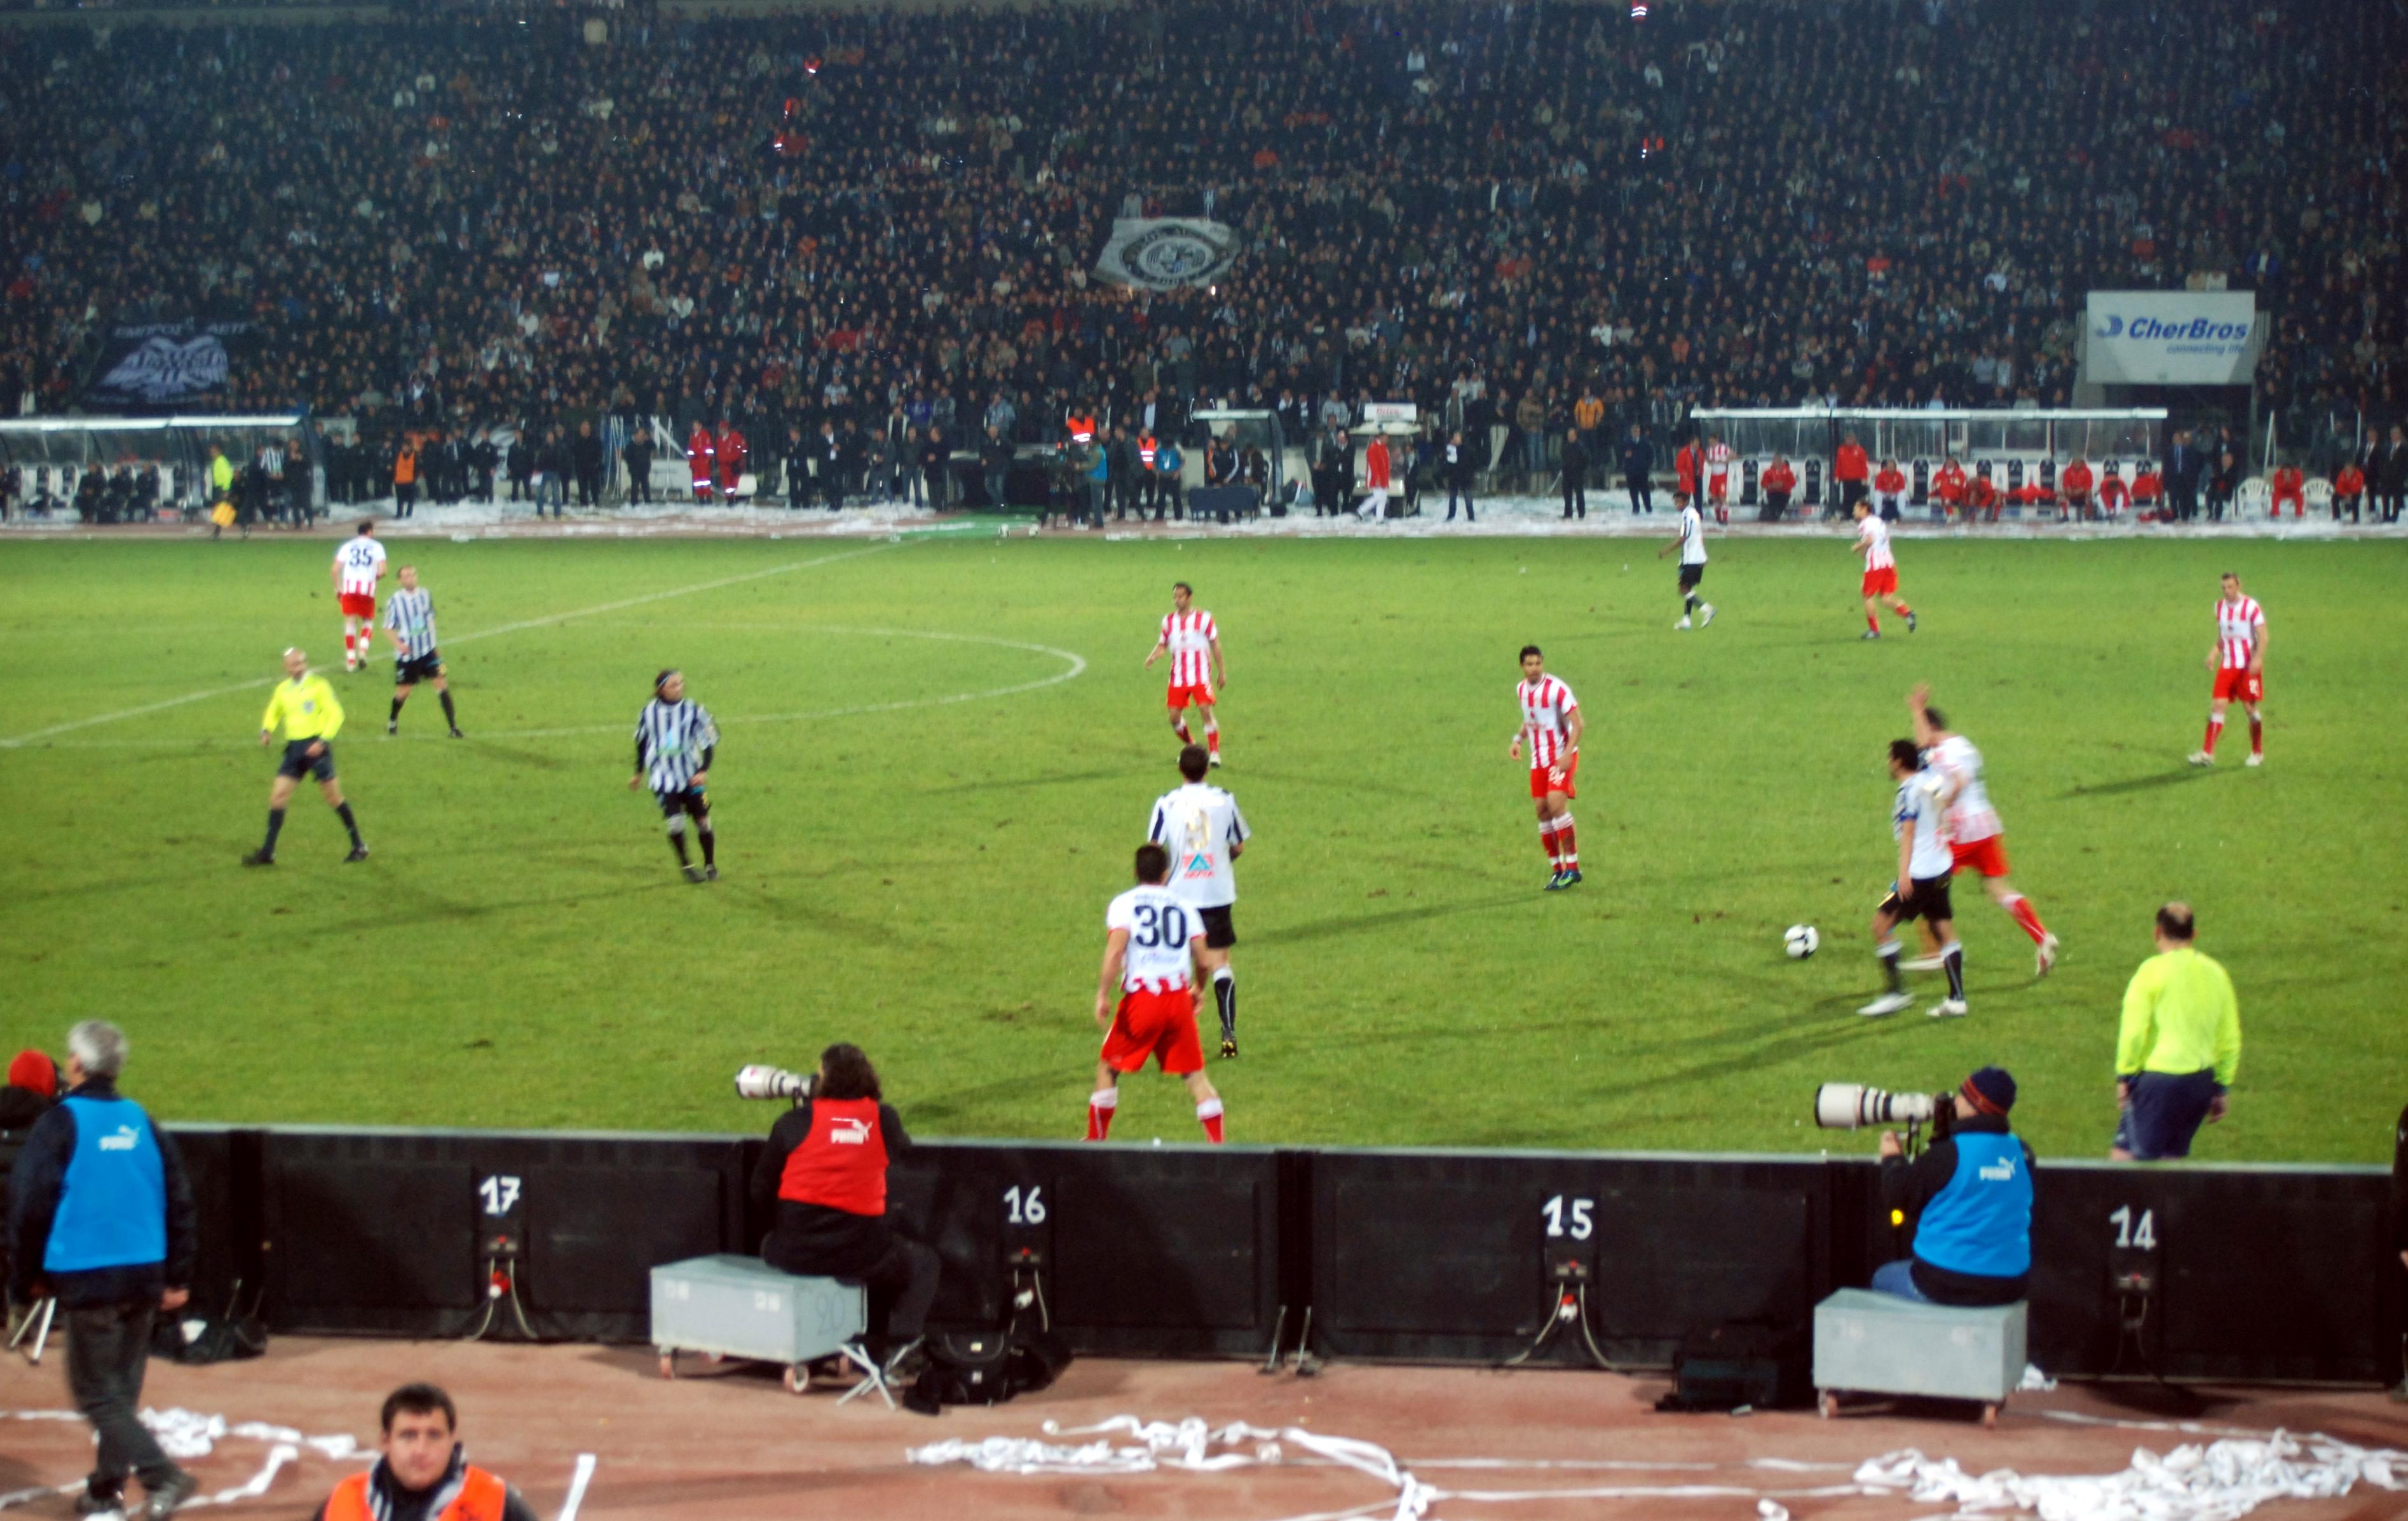 Paok Osfp 1-0 Paok – Olympiakos 1–0 2009